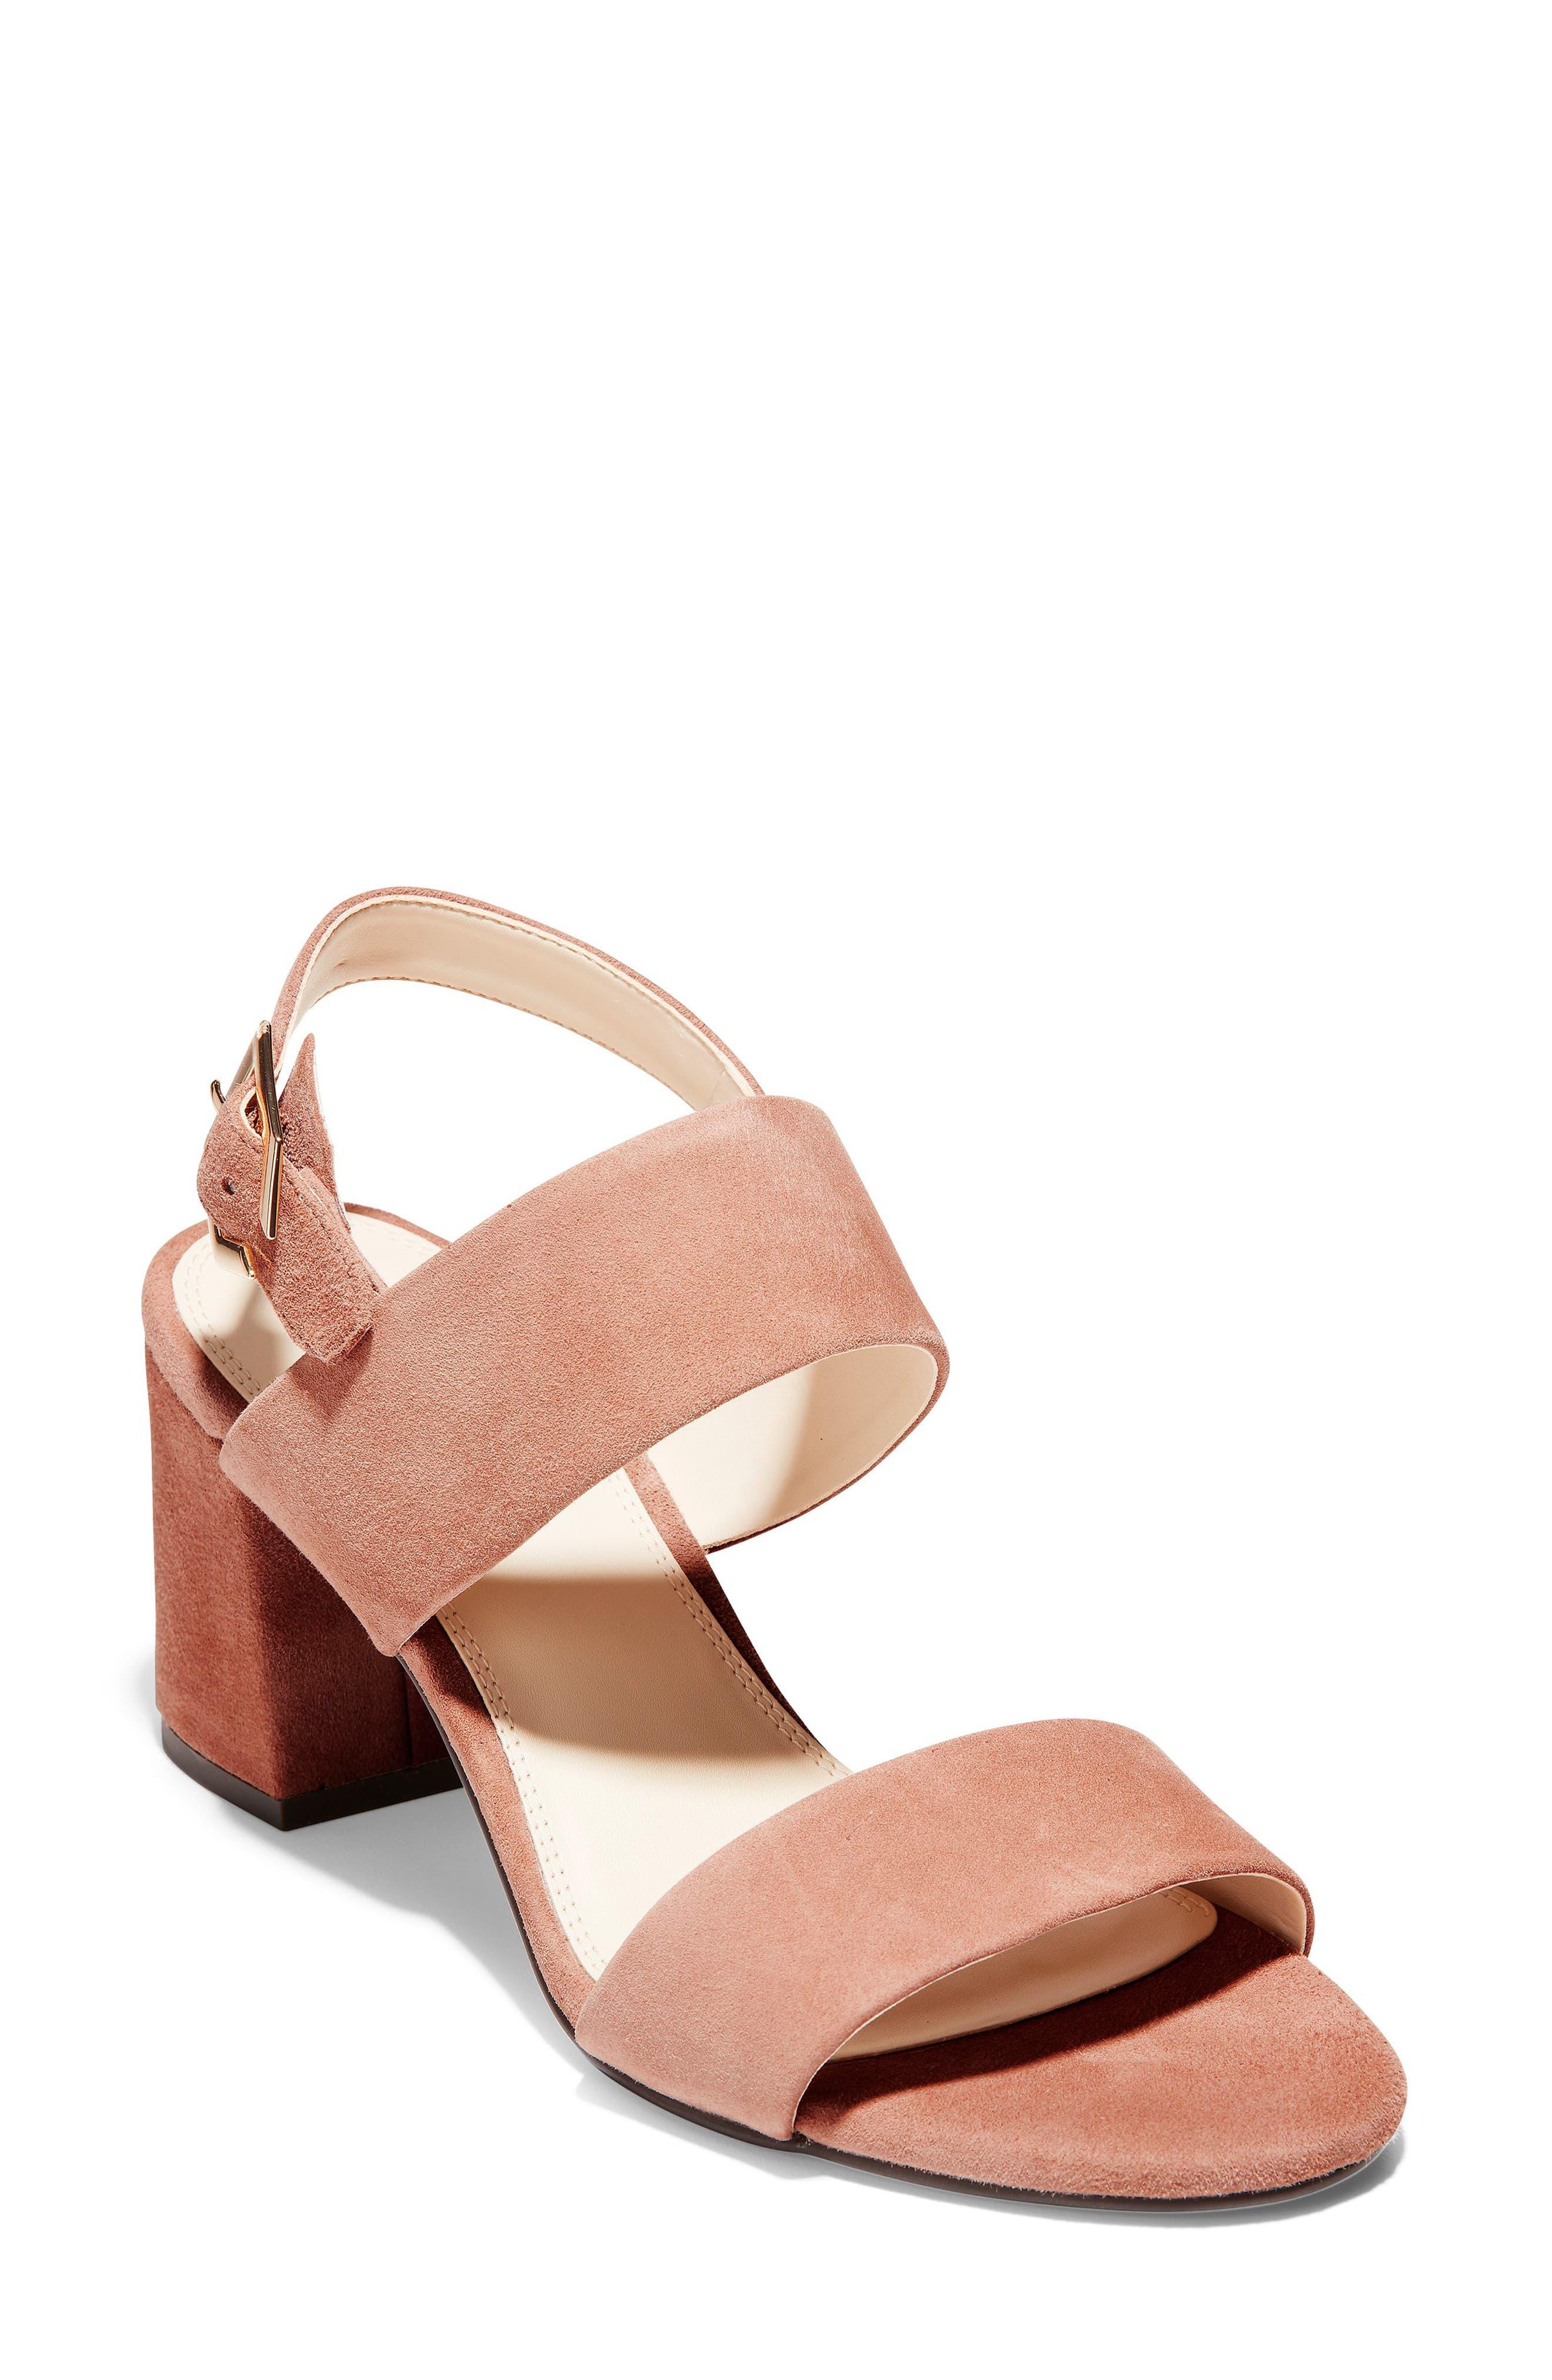 Avani Block Heel Sandal, Main, color, MOCHA MOUSSE SUEDE